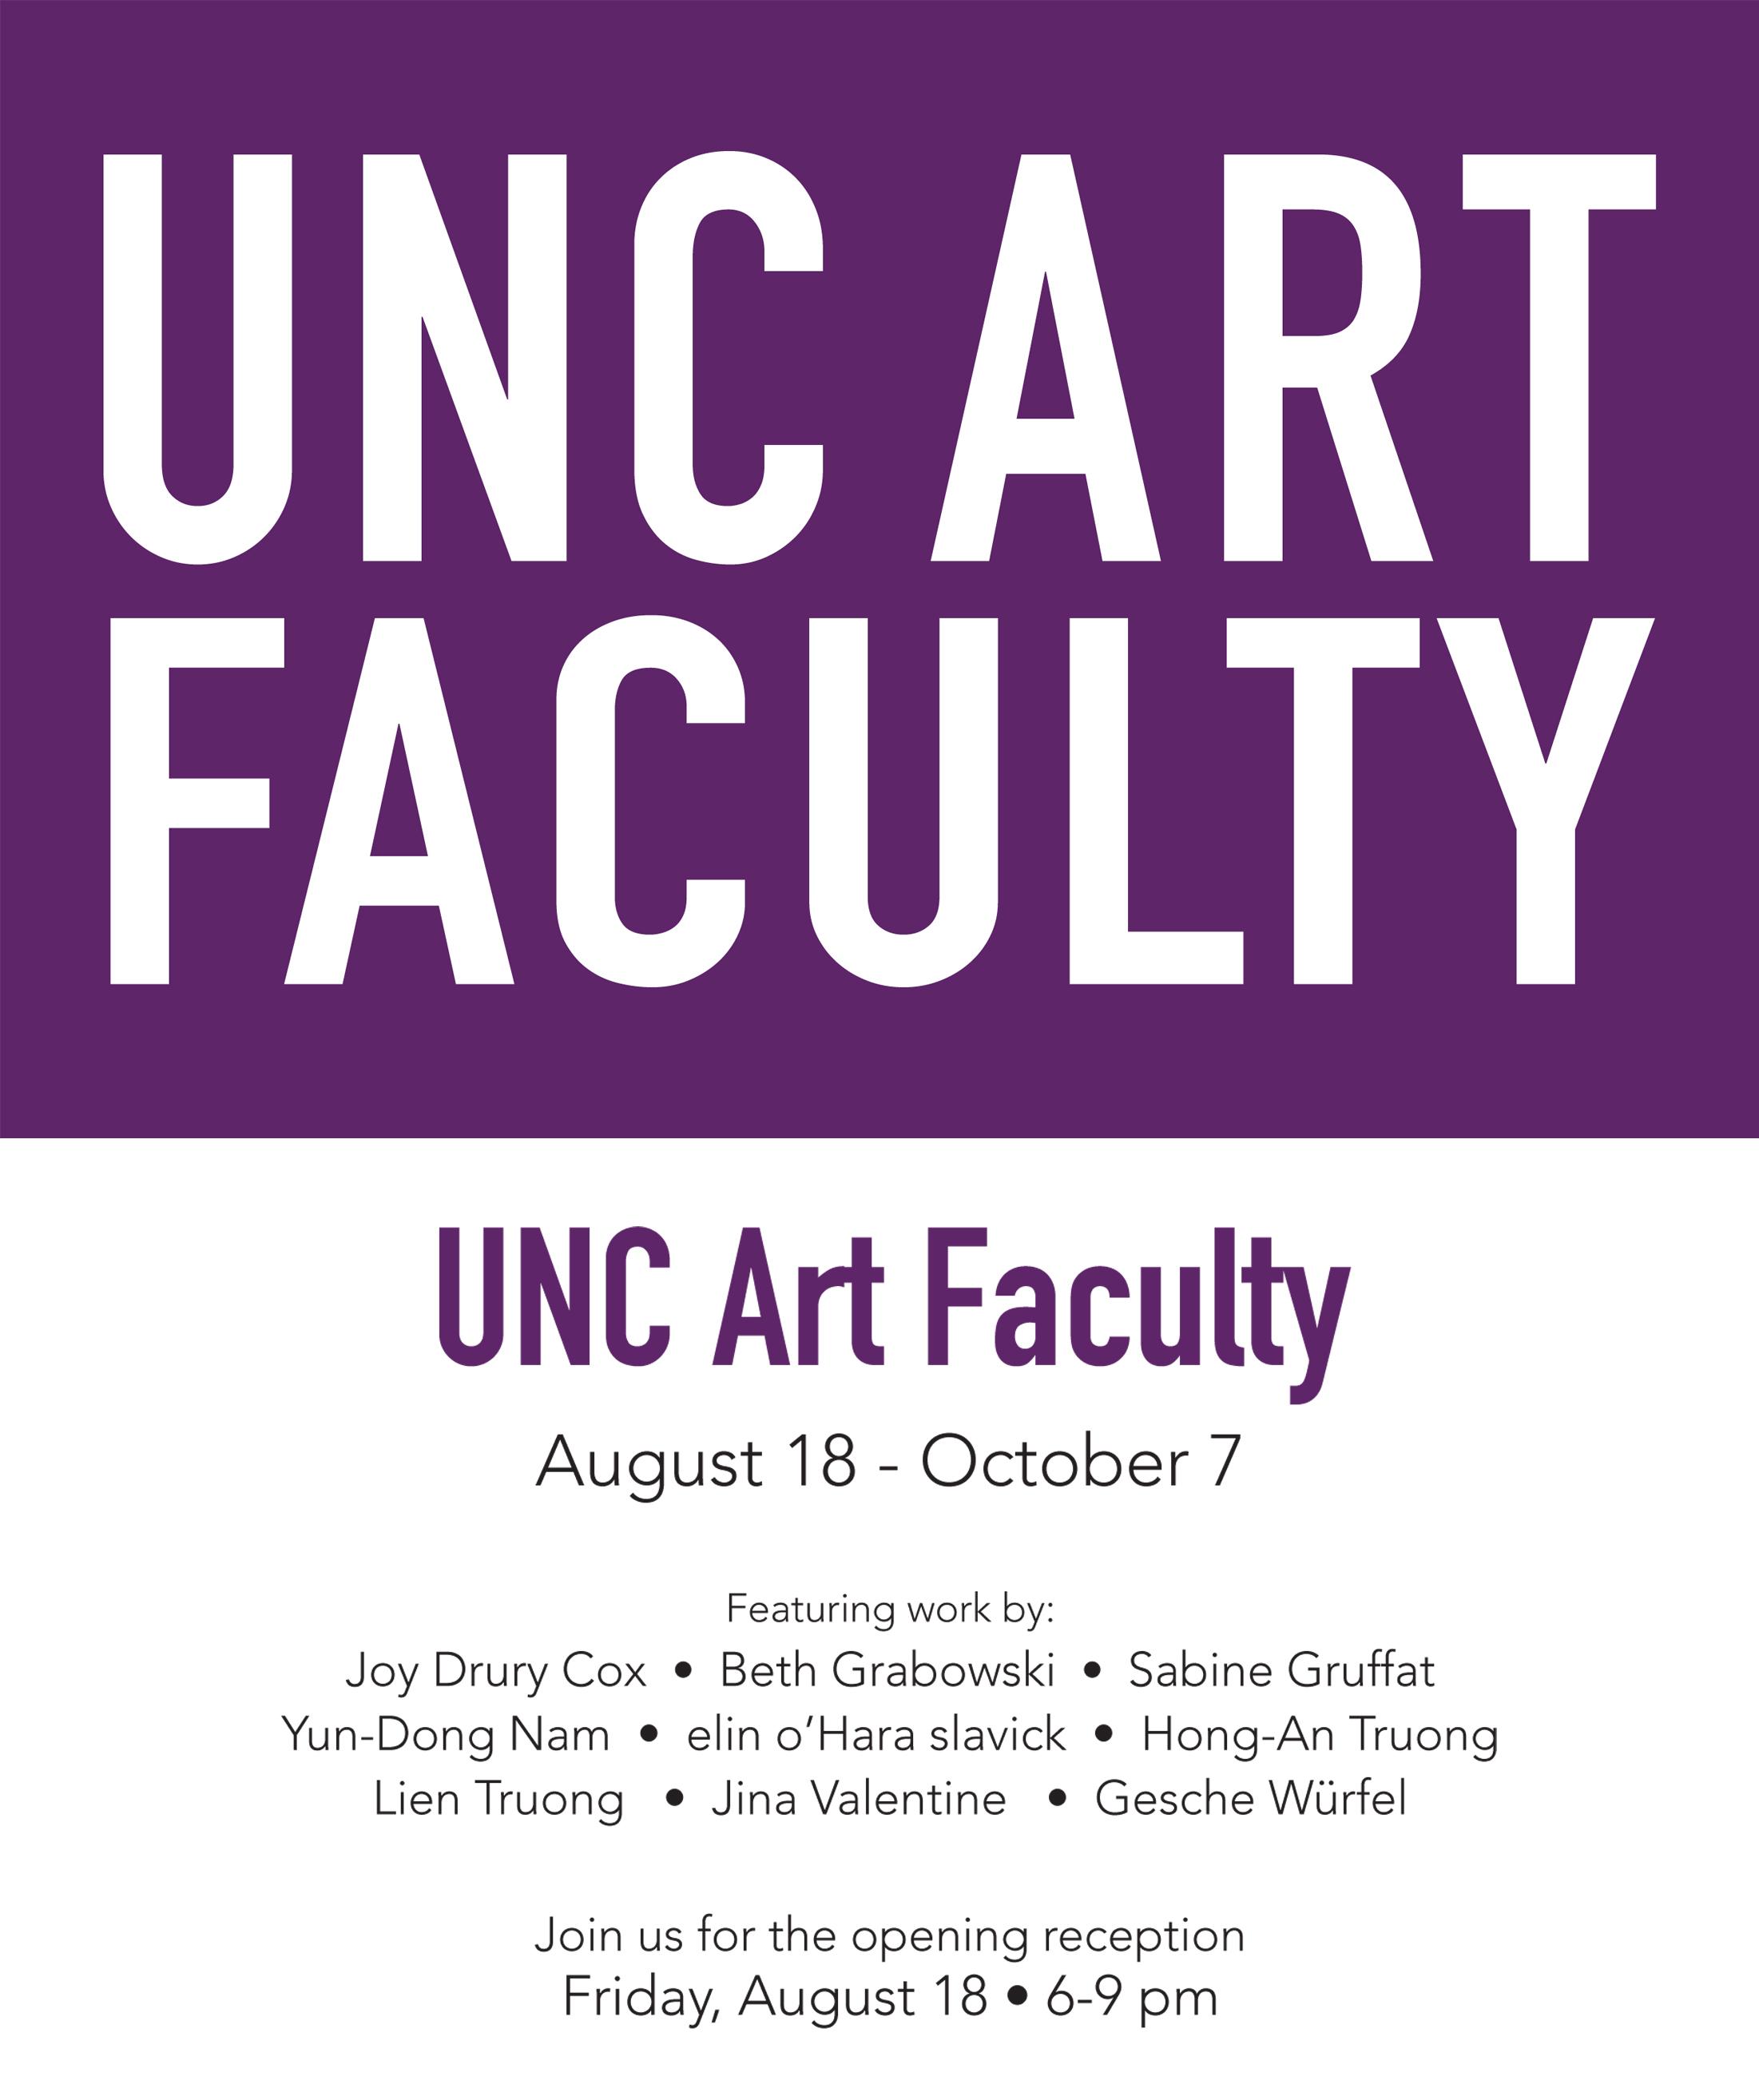 UNC_art_faculty_emailer.jpg